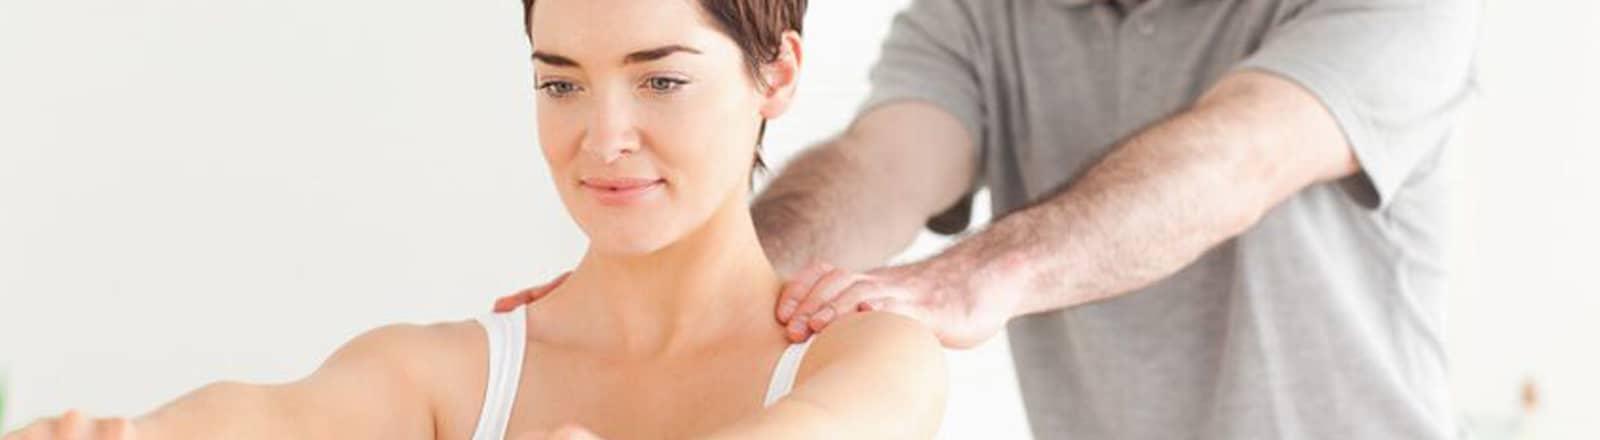 fisioterapia general fisioterapia a domicilio